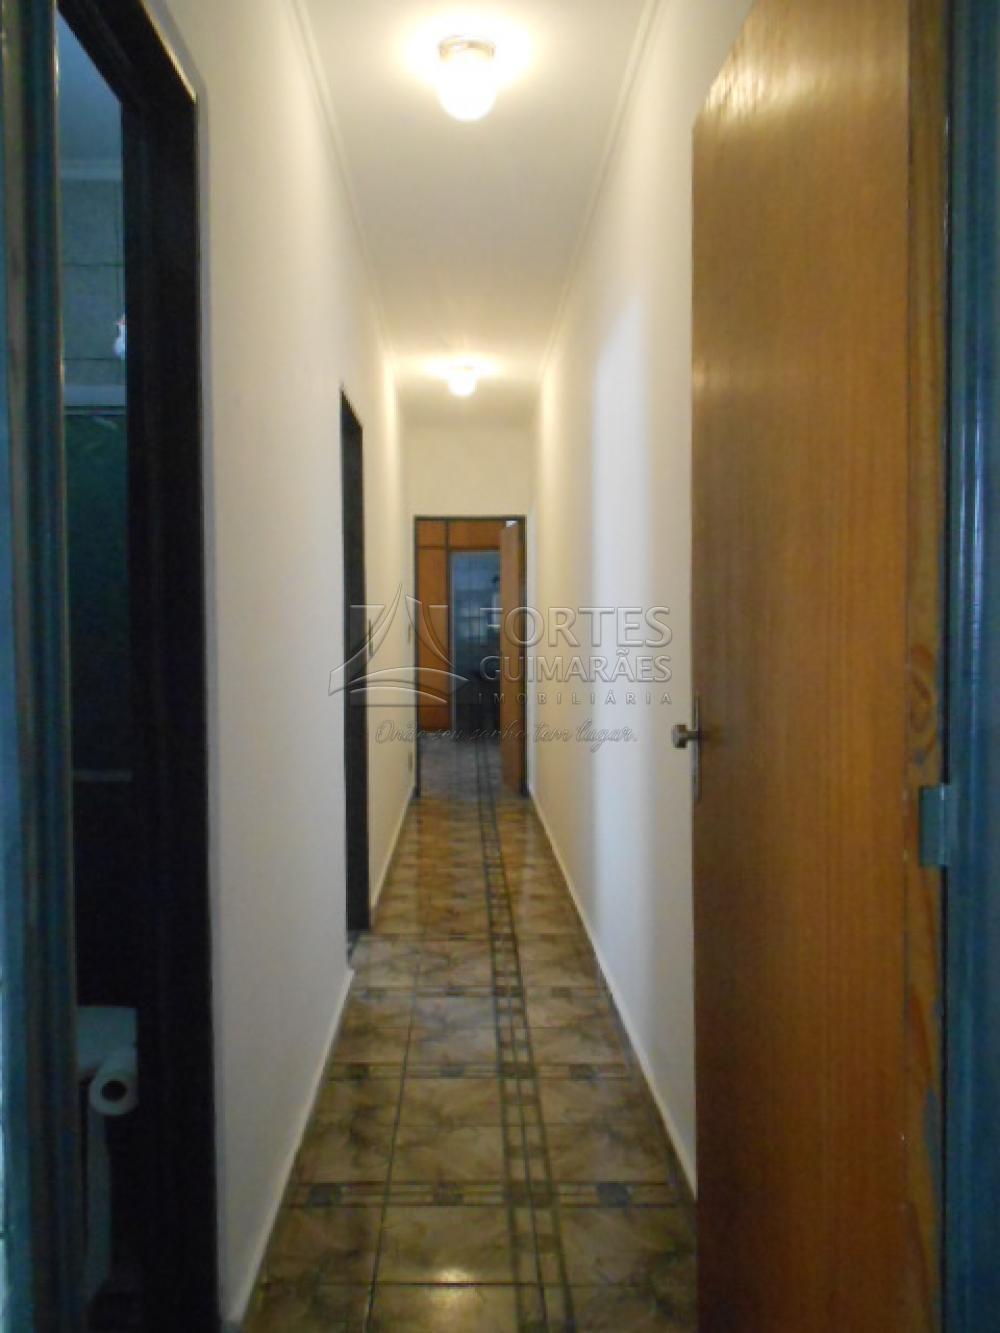 Alugar Casas / Padrão em Ribeirão Preto apenas R$ 950,00 - Foto 11